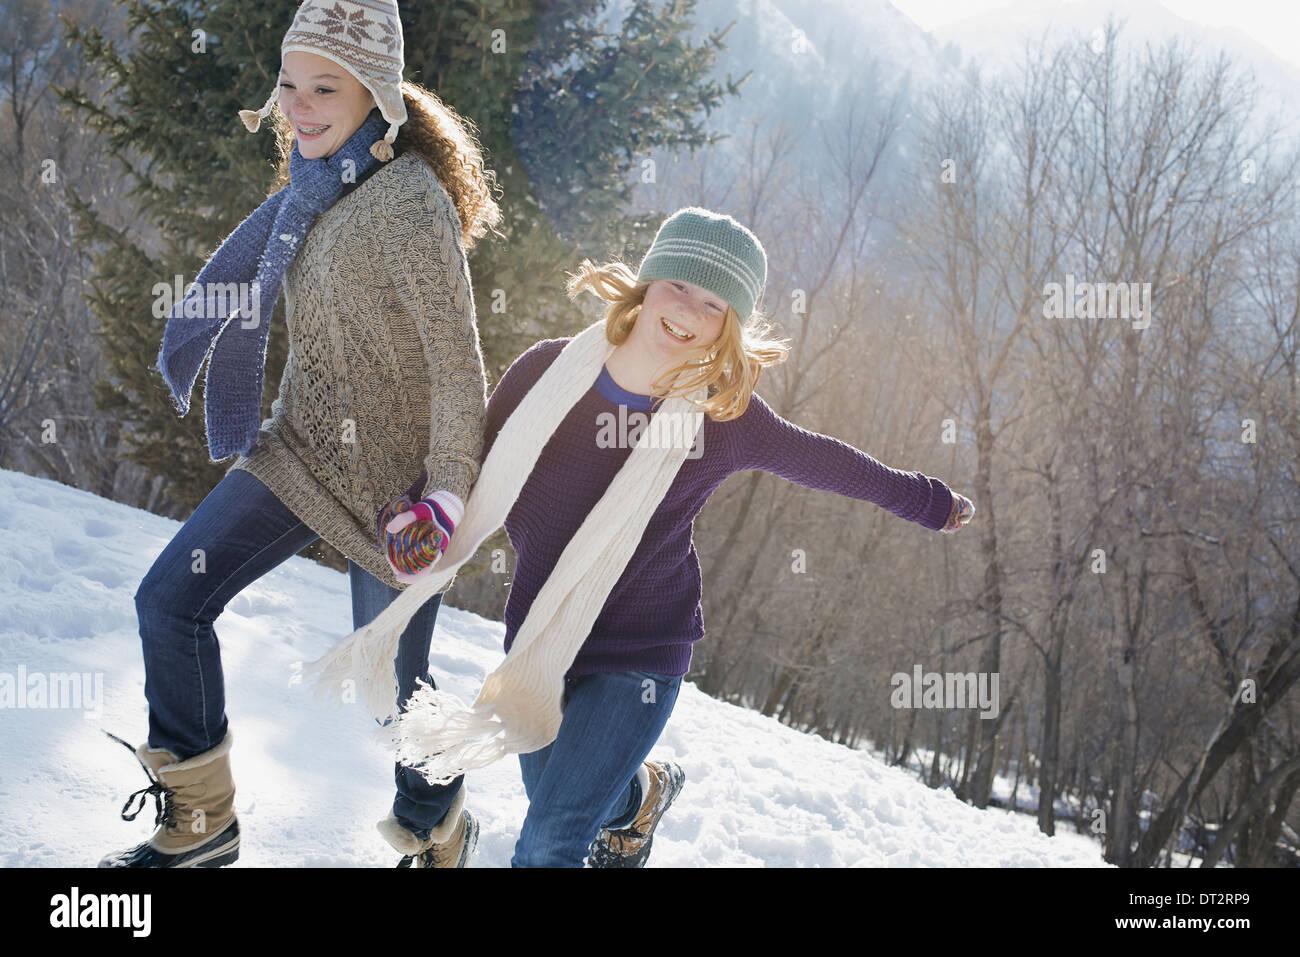 Paesaggio invernale con neve sul terreno di una donna e di un bambino mano nella mano che corrono sulla neve Immagini Stock